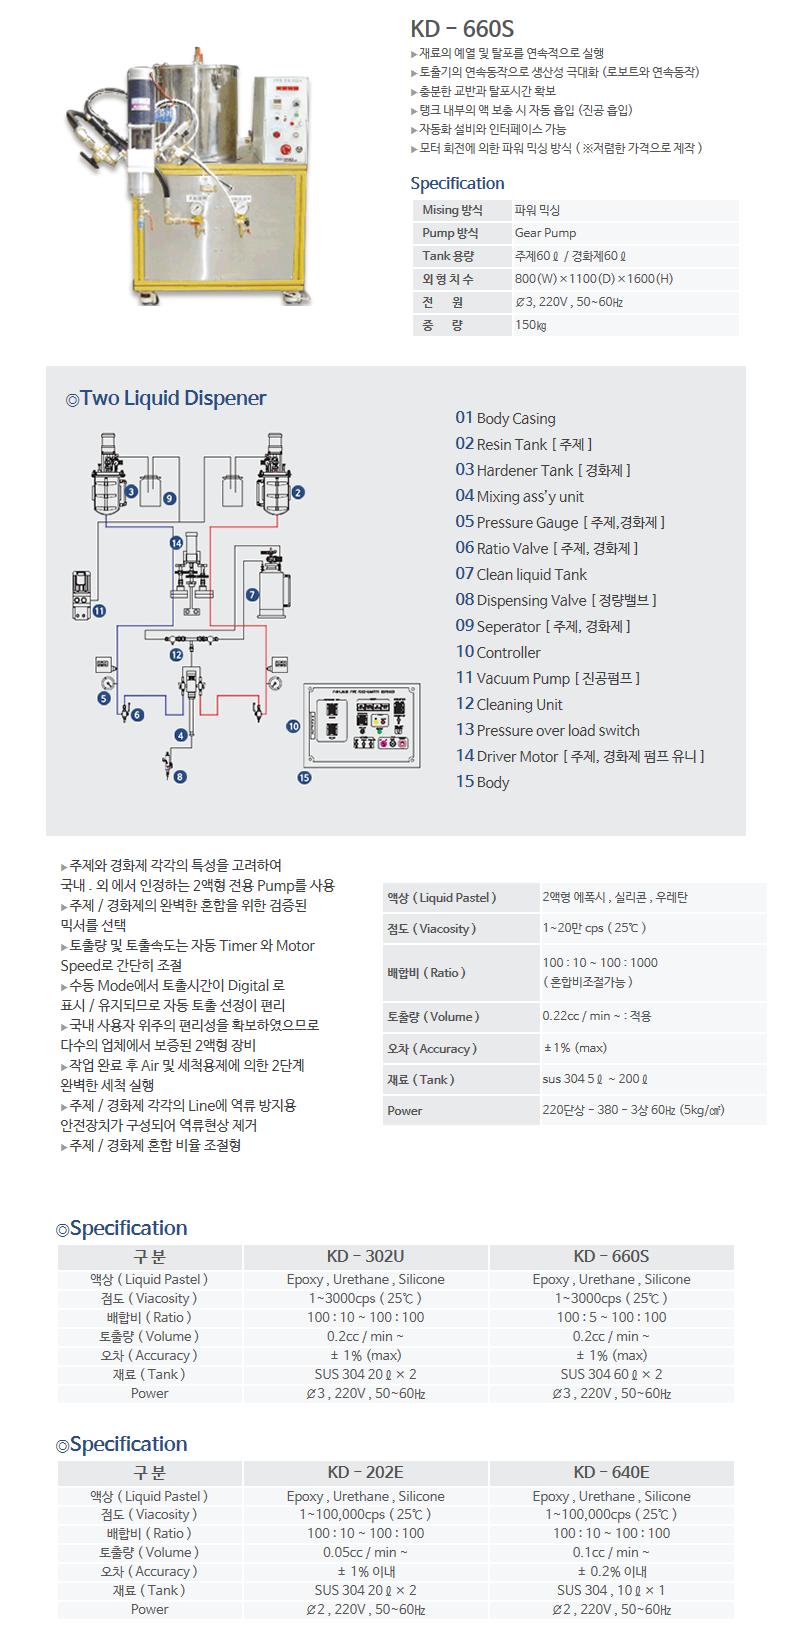 (주)케이엔디시스템 2액형 자동혼합 토출기 KD-660S 1